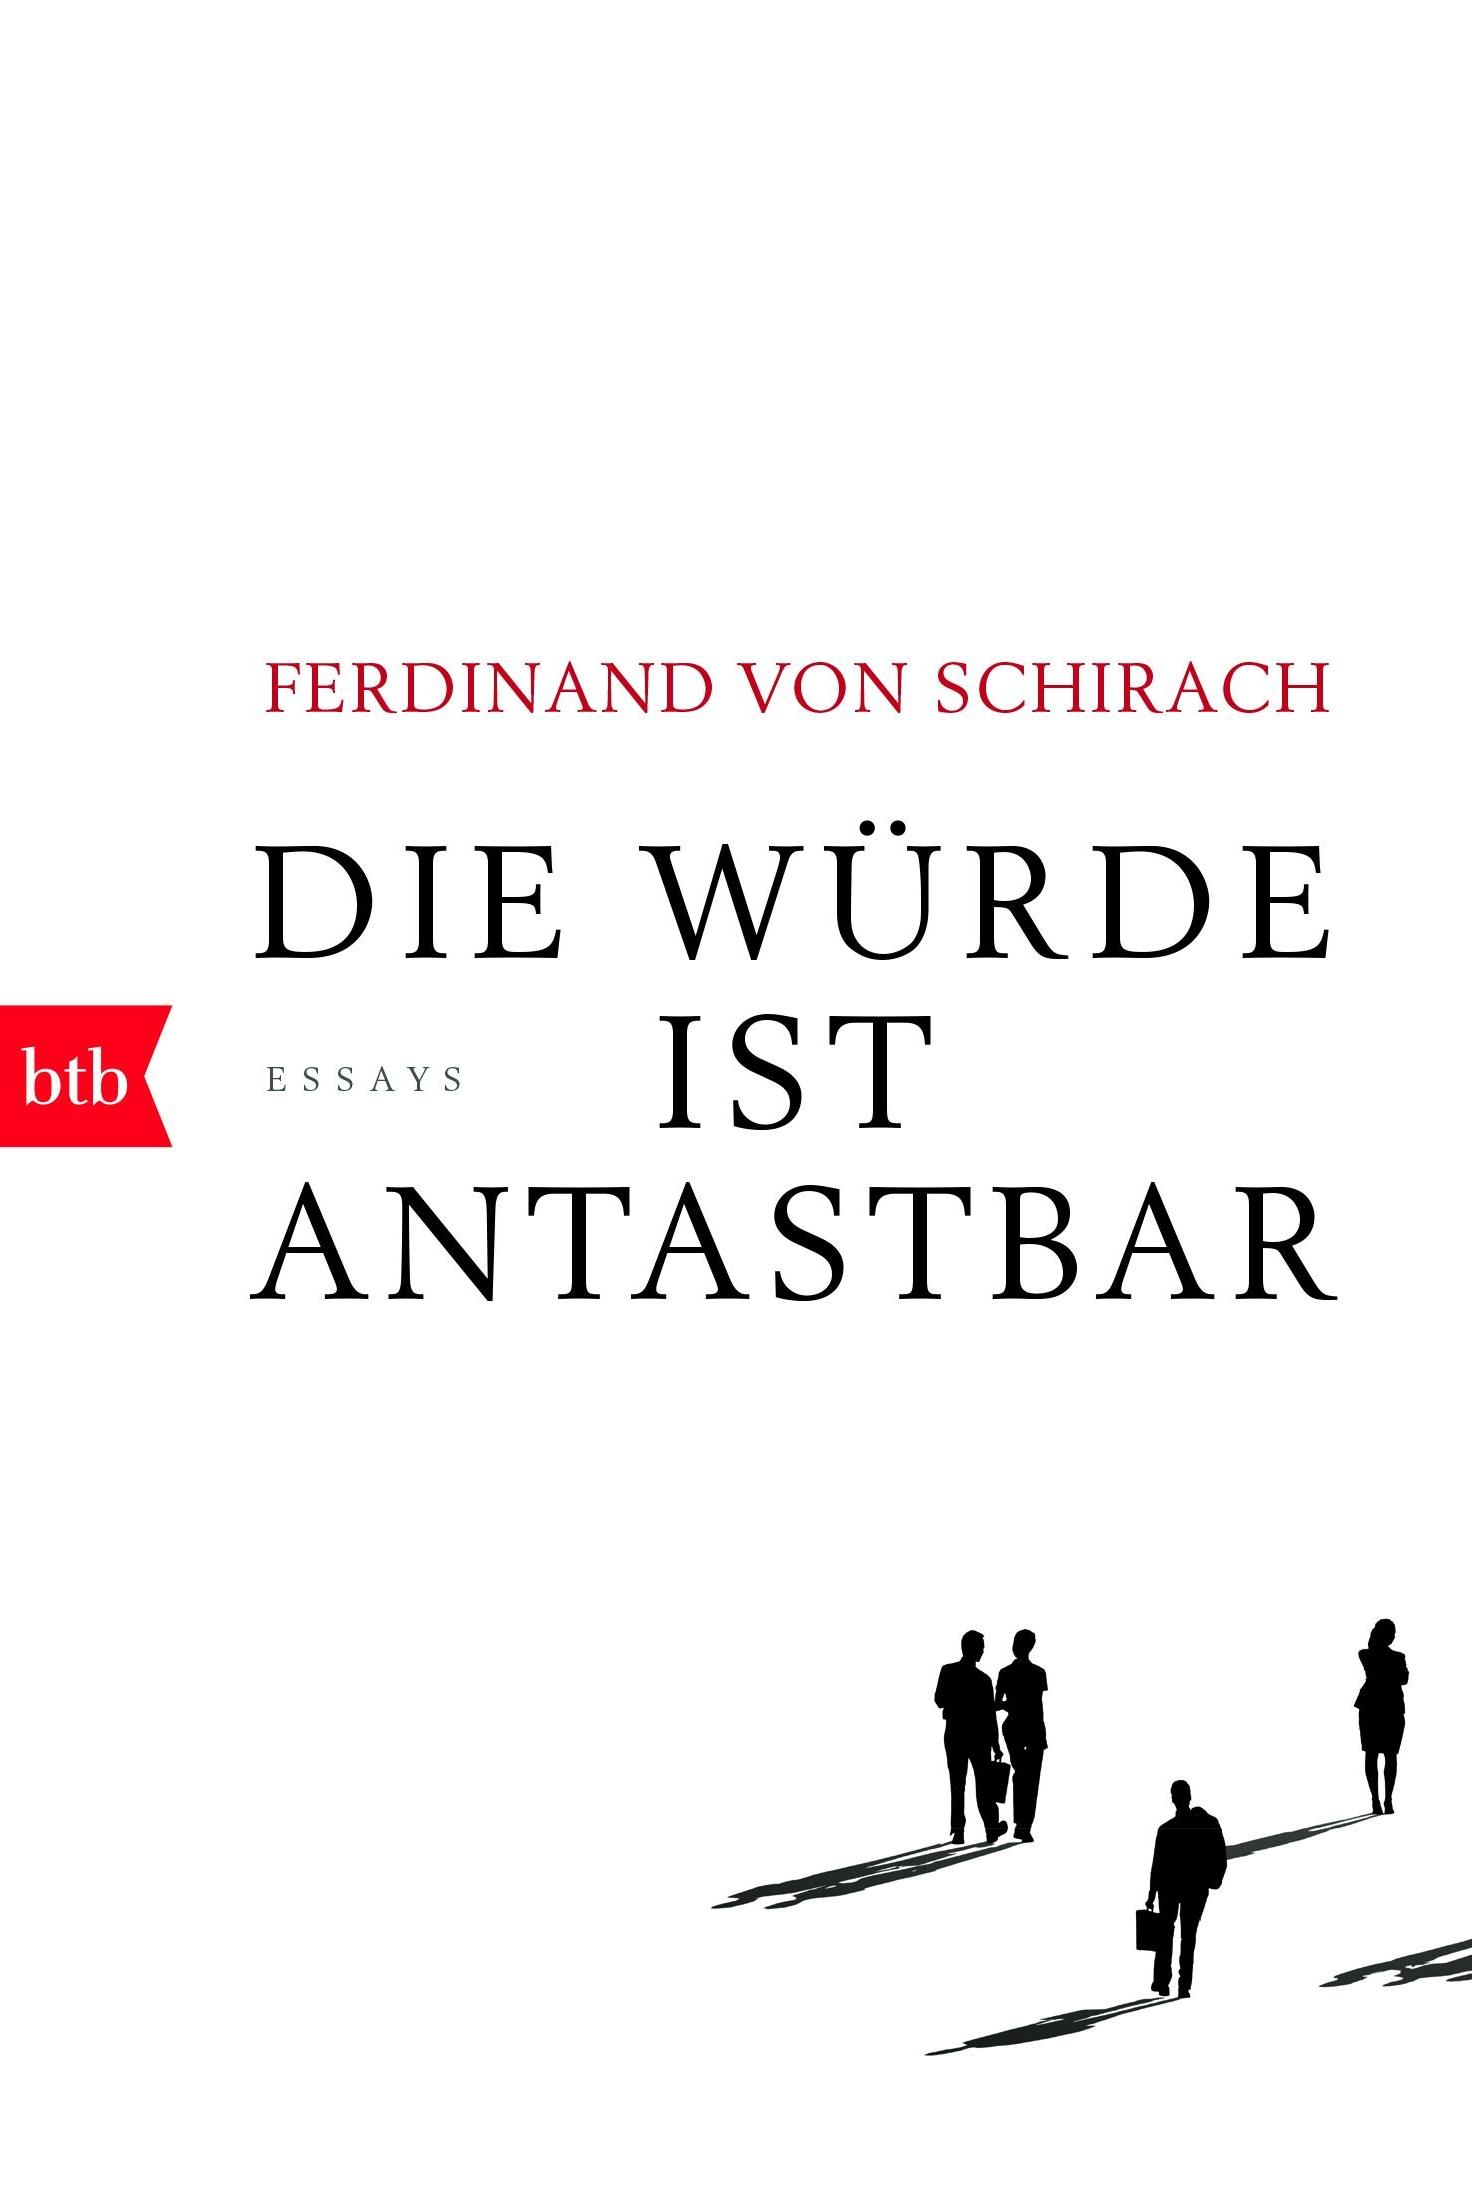 Die Würde ist antastbar - Ferdinand von Schirachbtb Verlag / February 2017